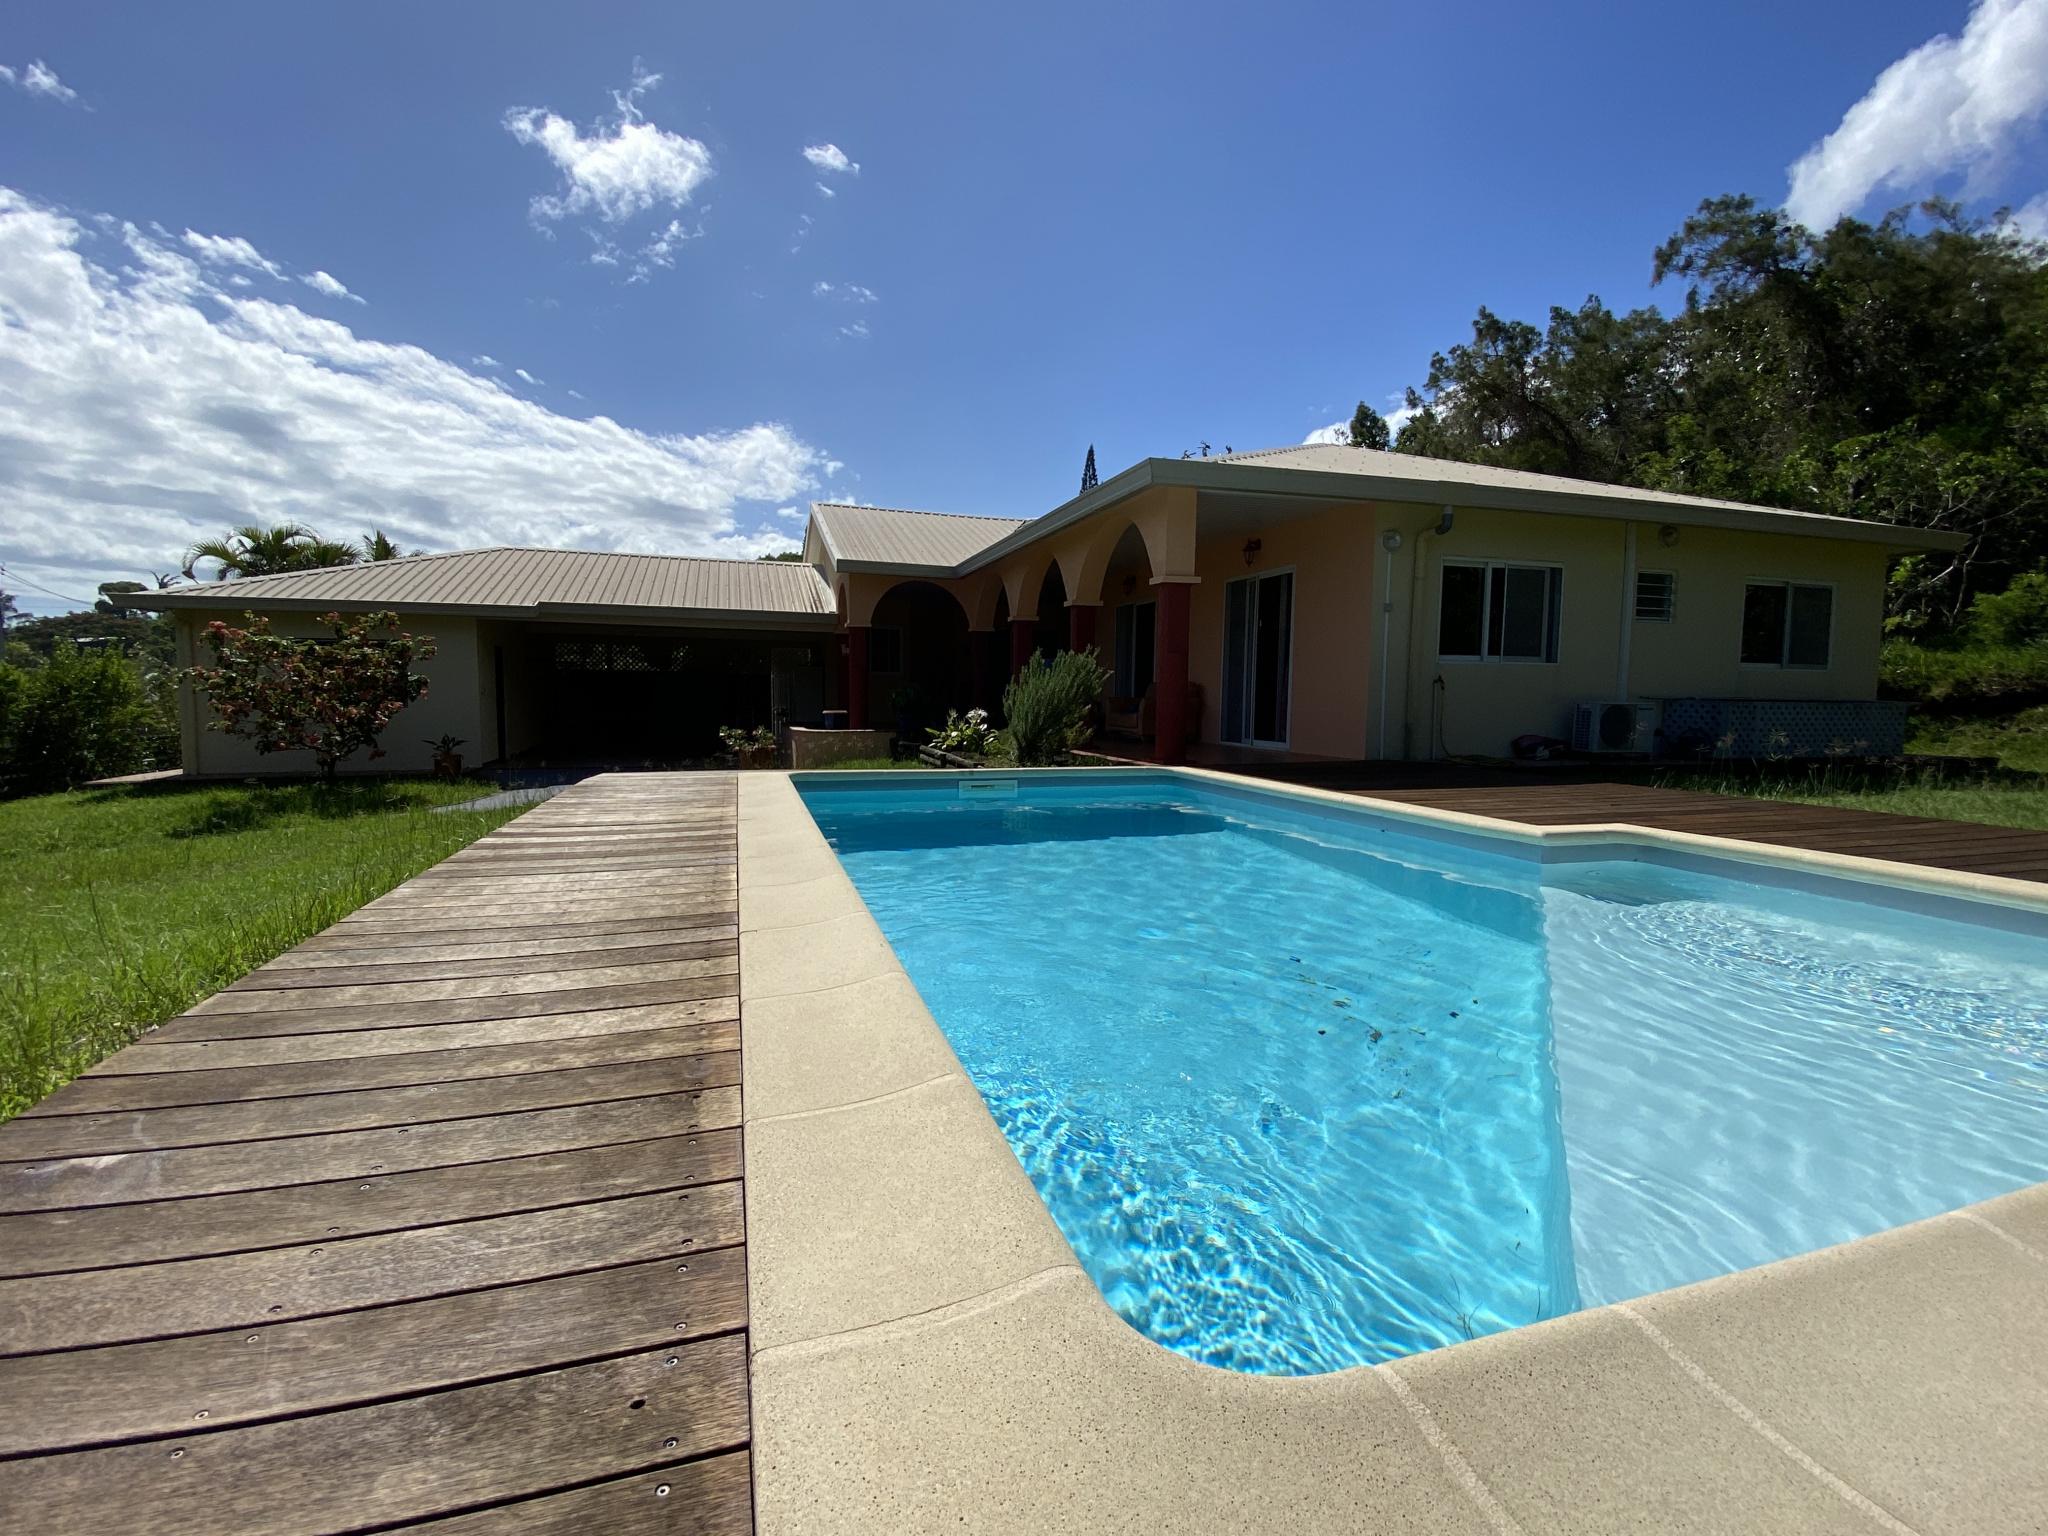 Vue piscine et maison en arrière plan